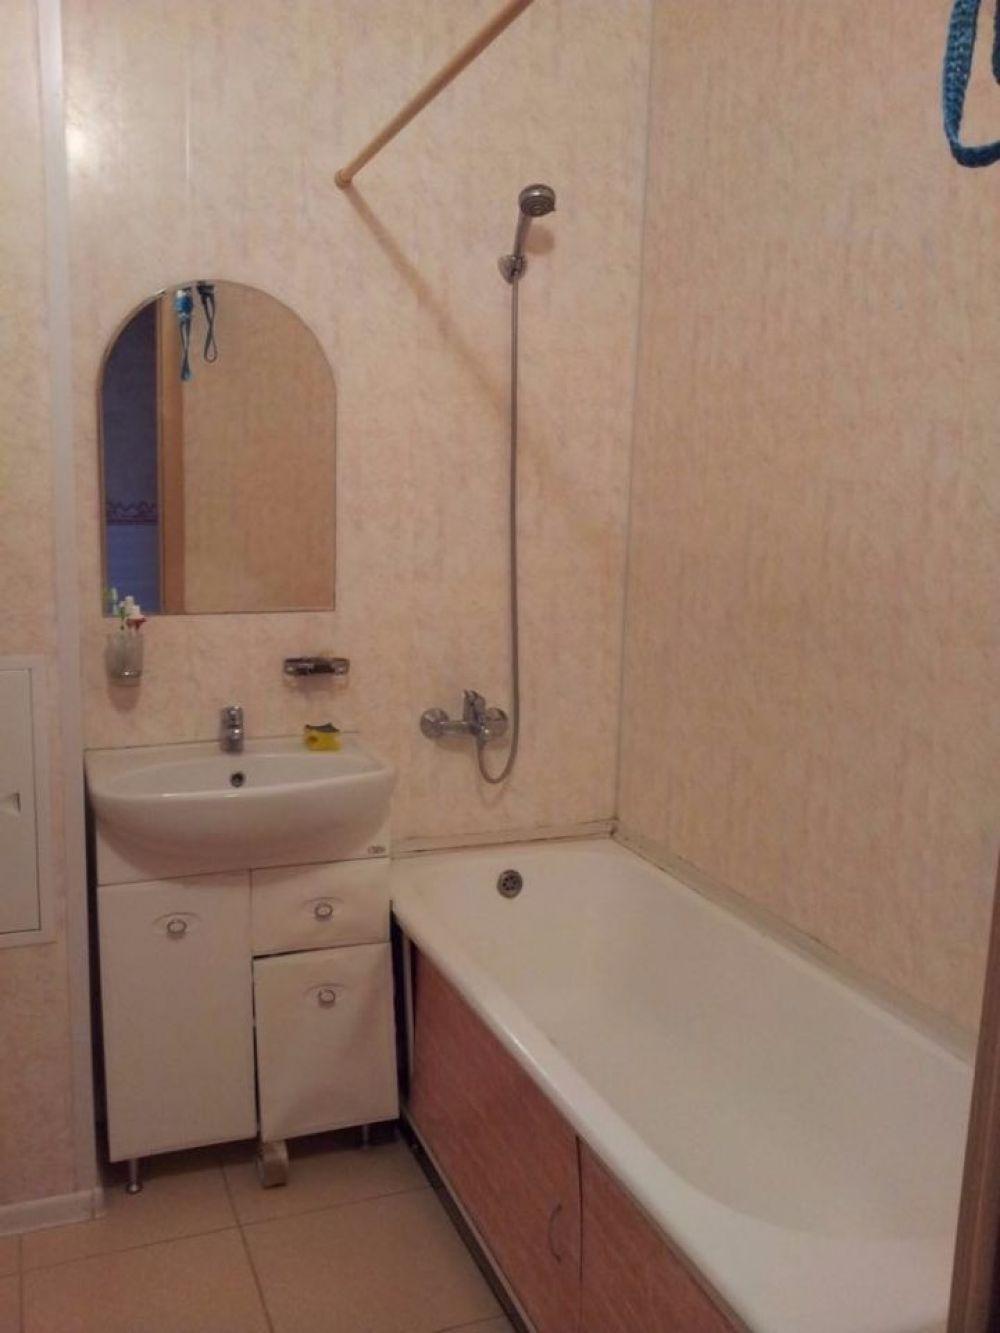 2-к квартира, п. Аничково, д.6, фото 5